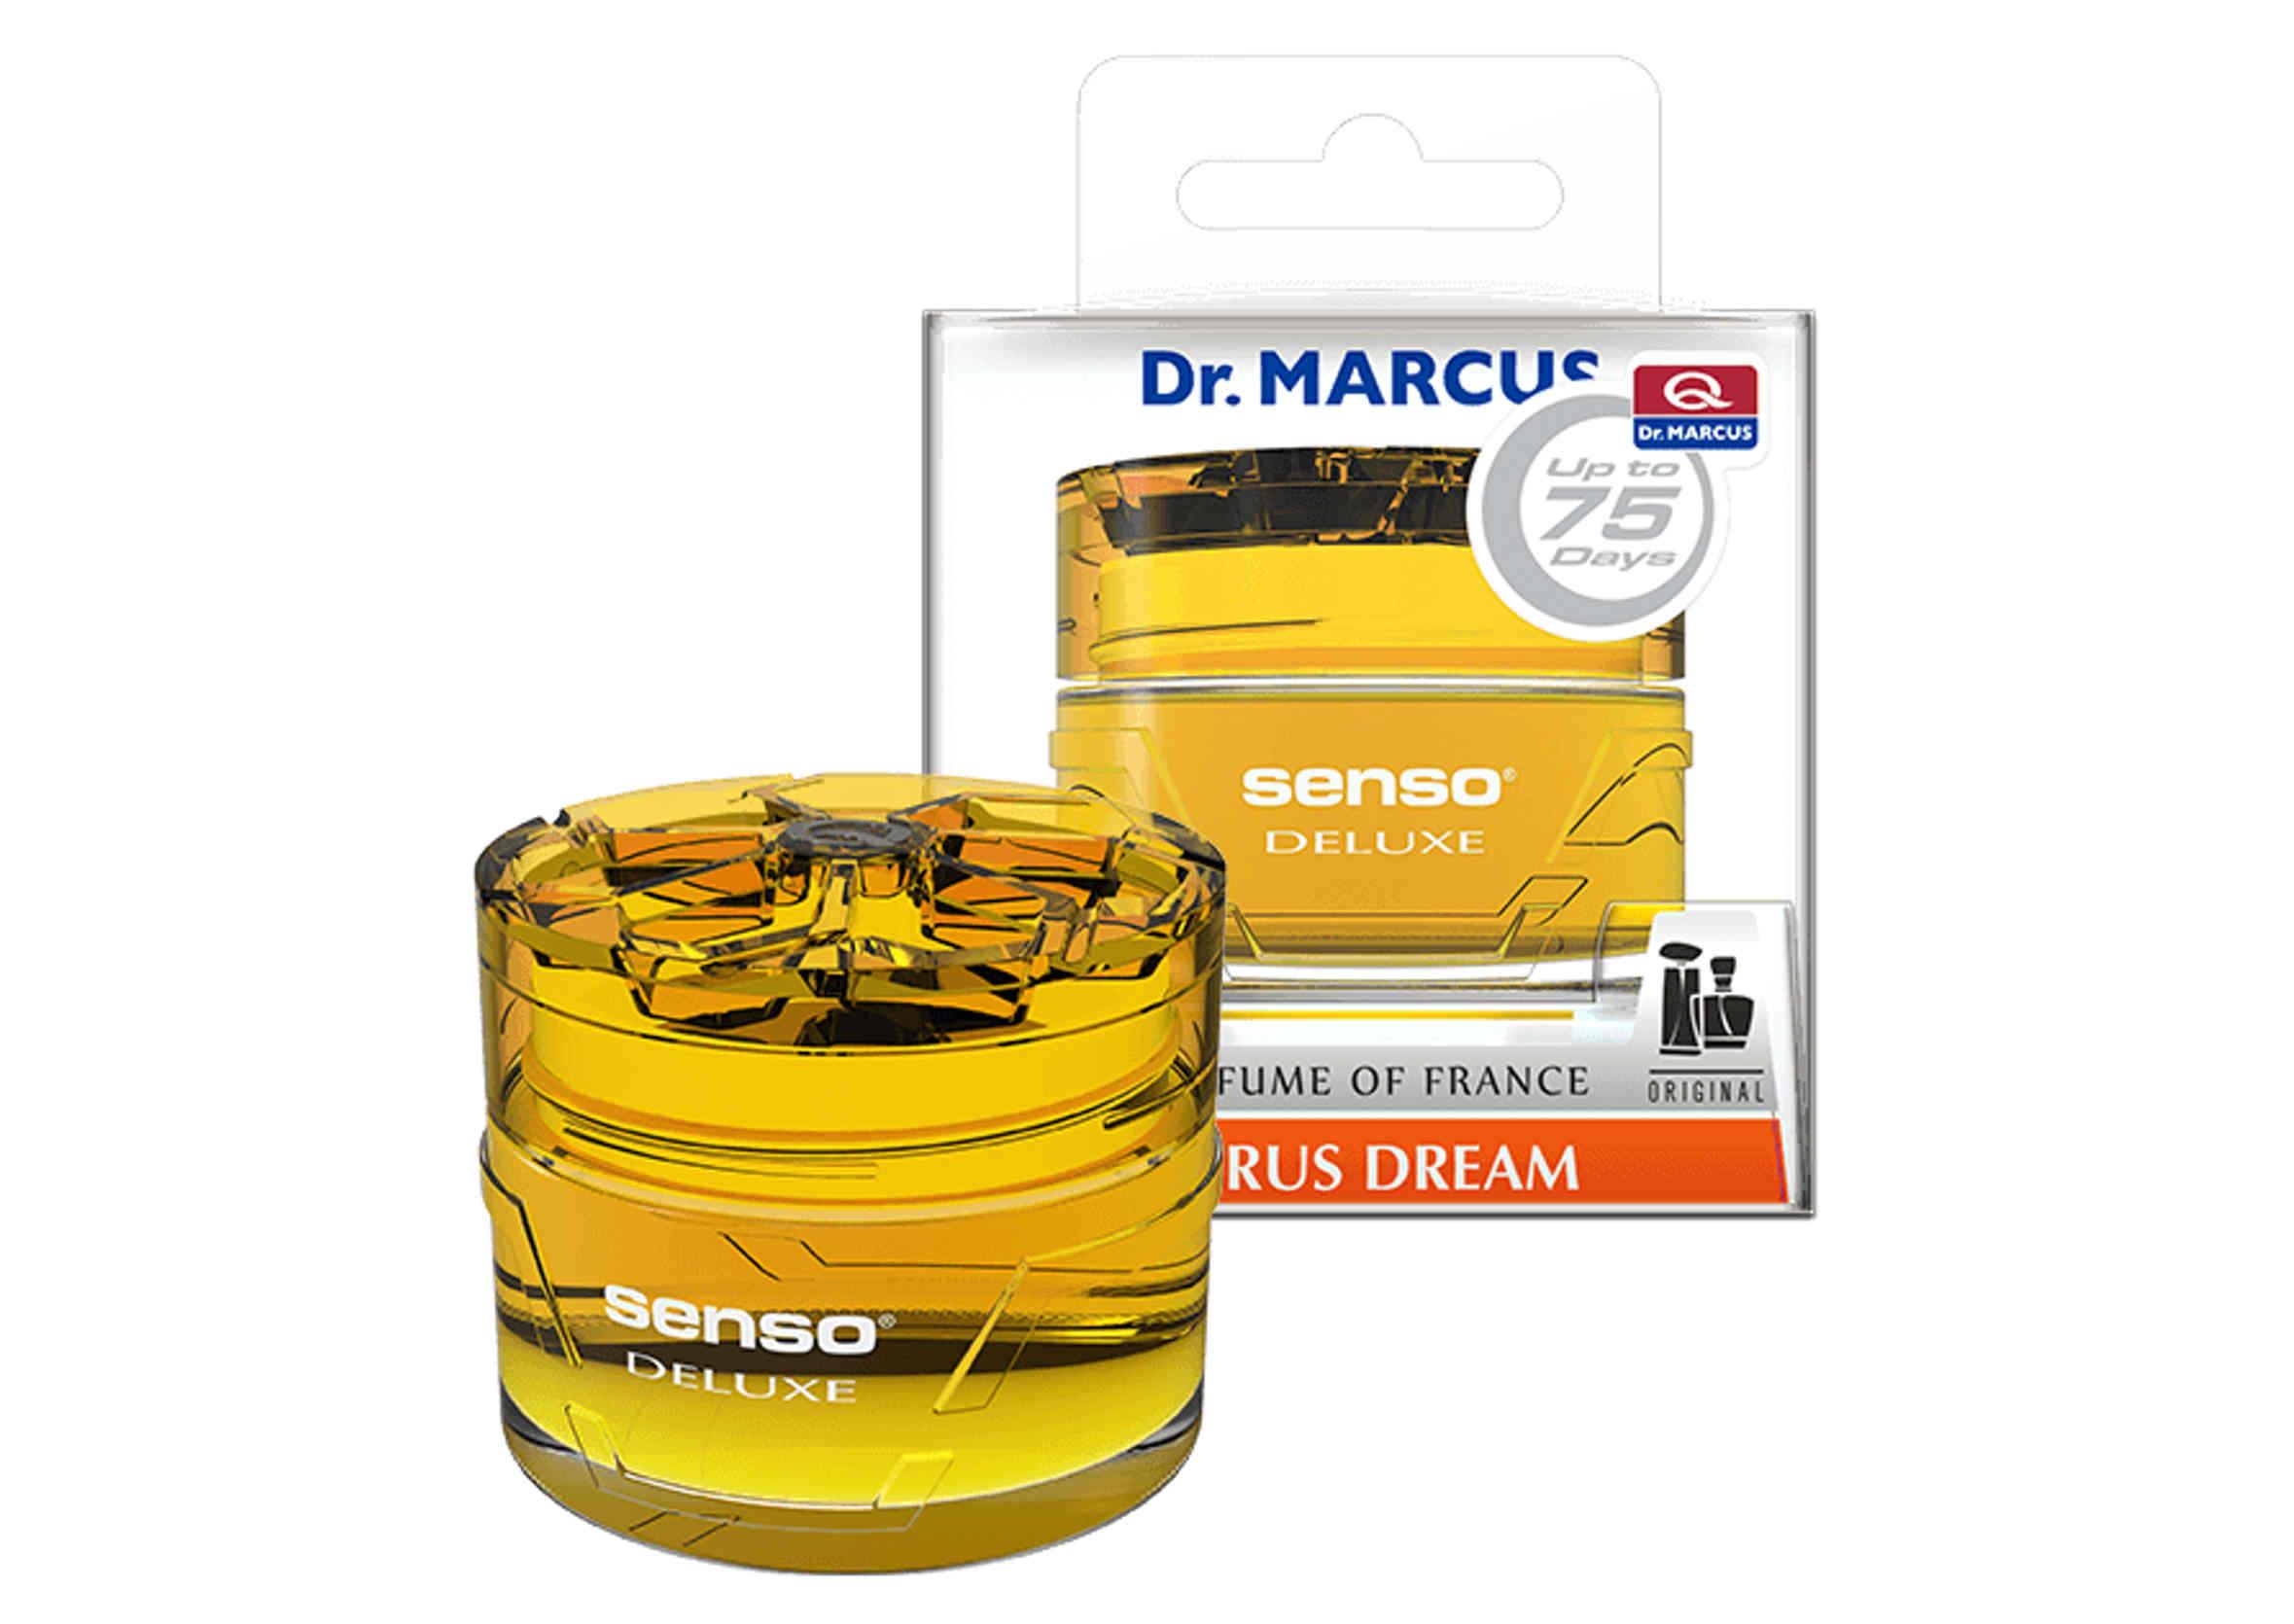 Dr. Marcus Senso Deluxe Gel Citrus Dream 50ml Odświeżacz Powietrza w Żelu